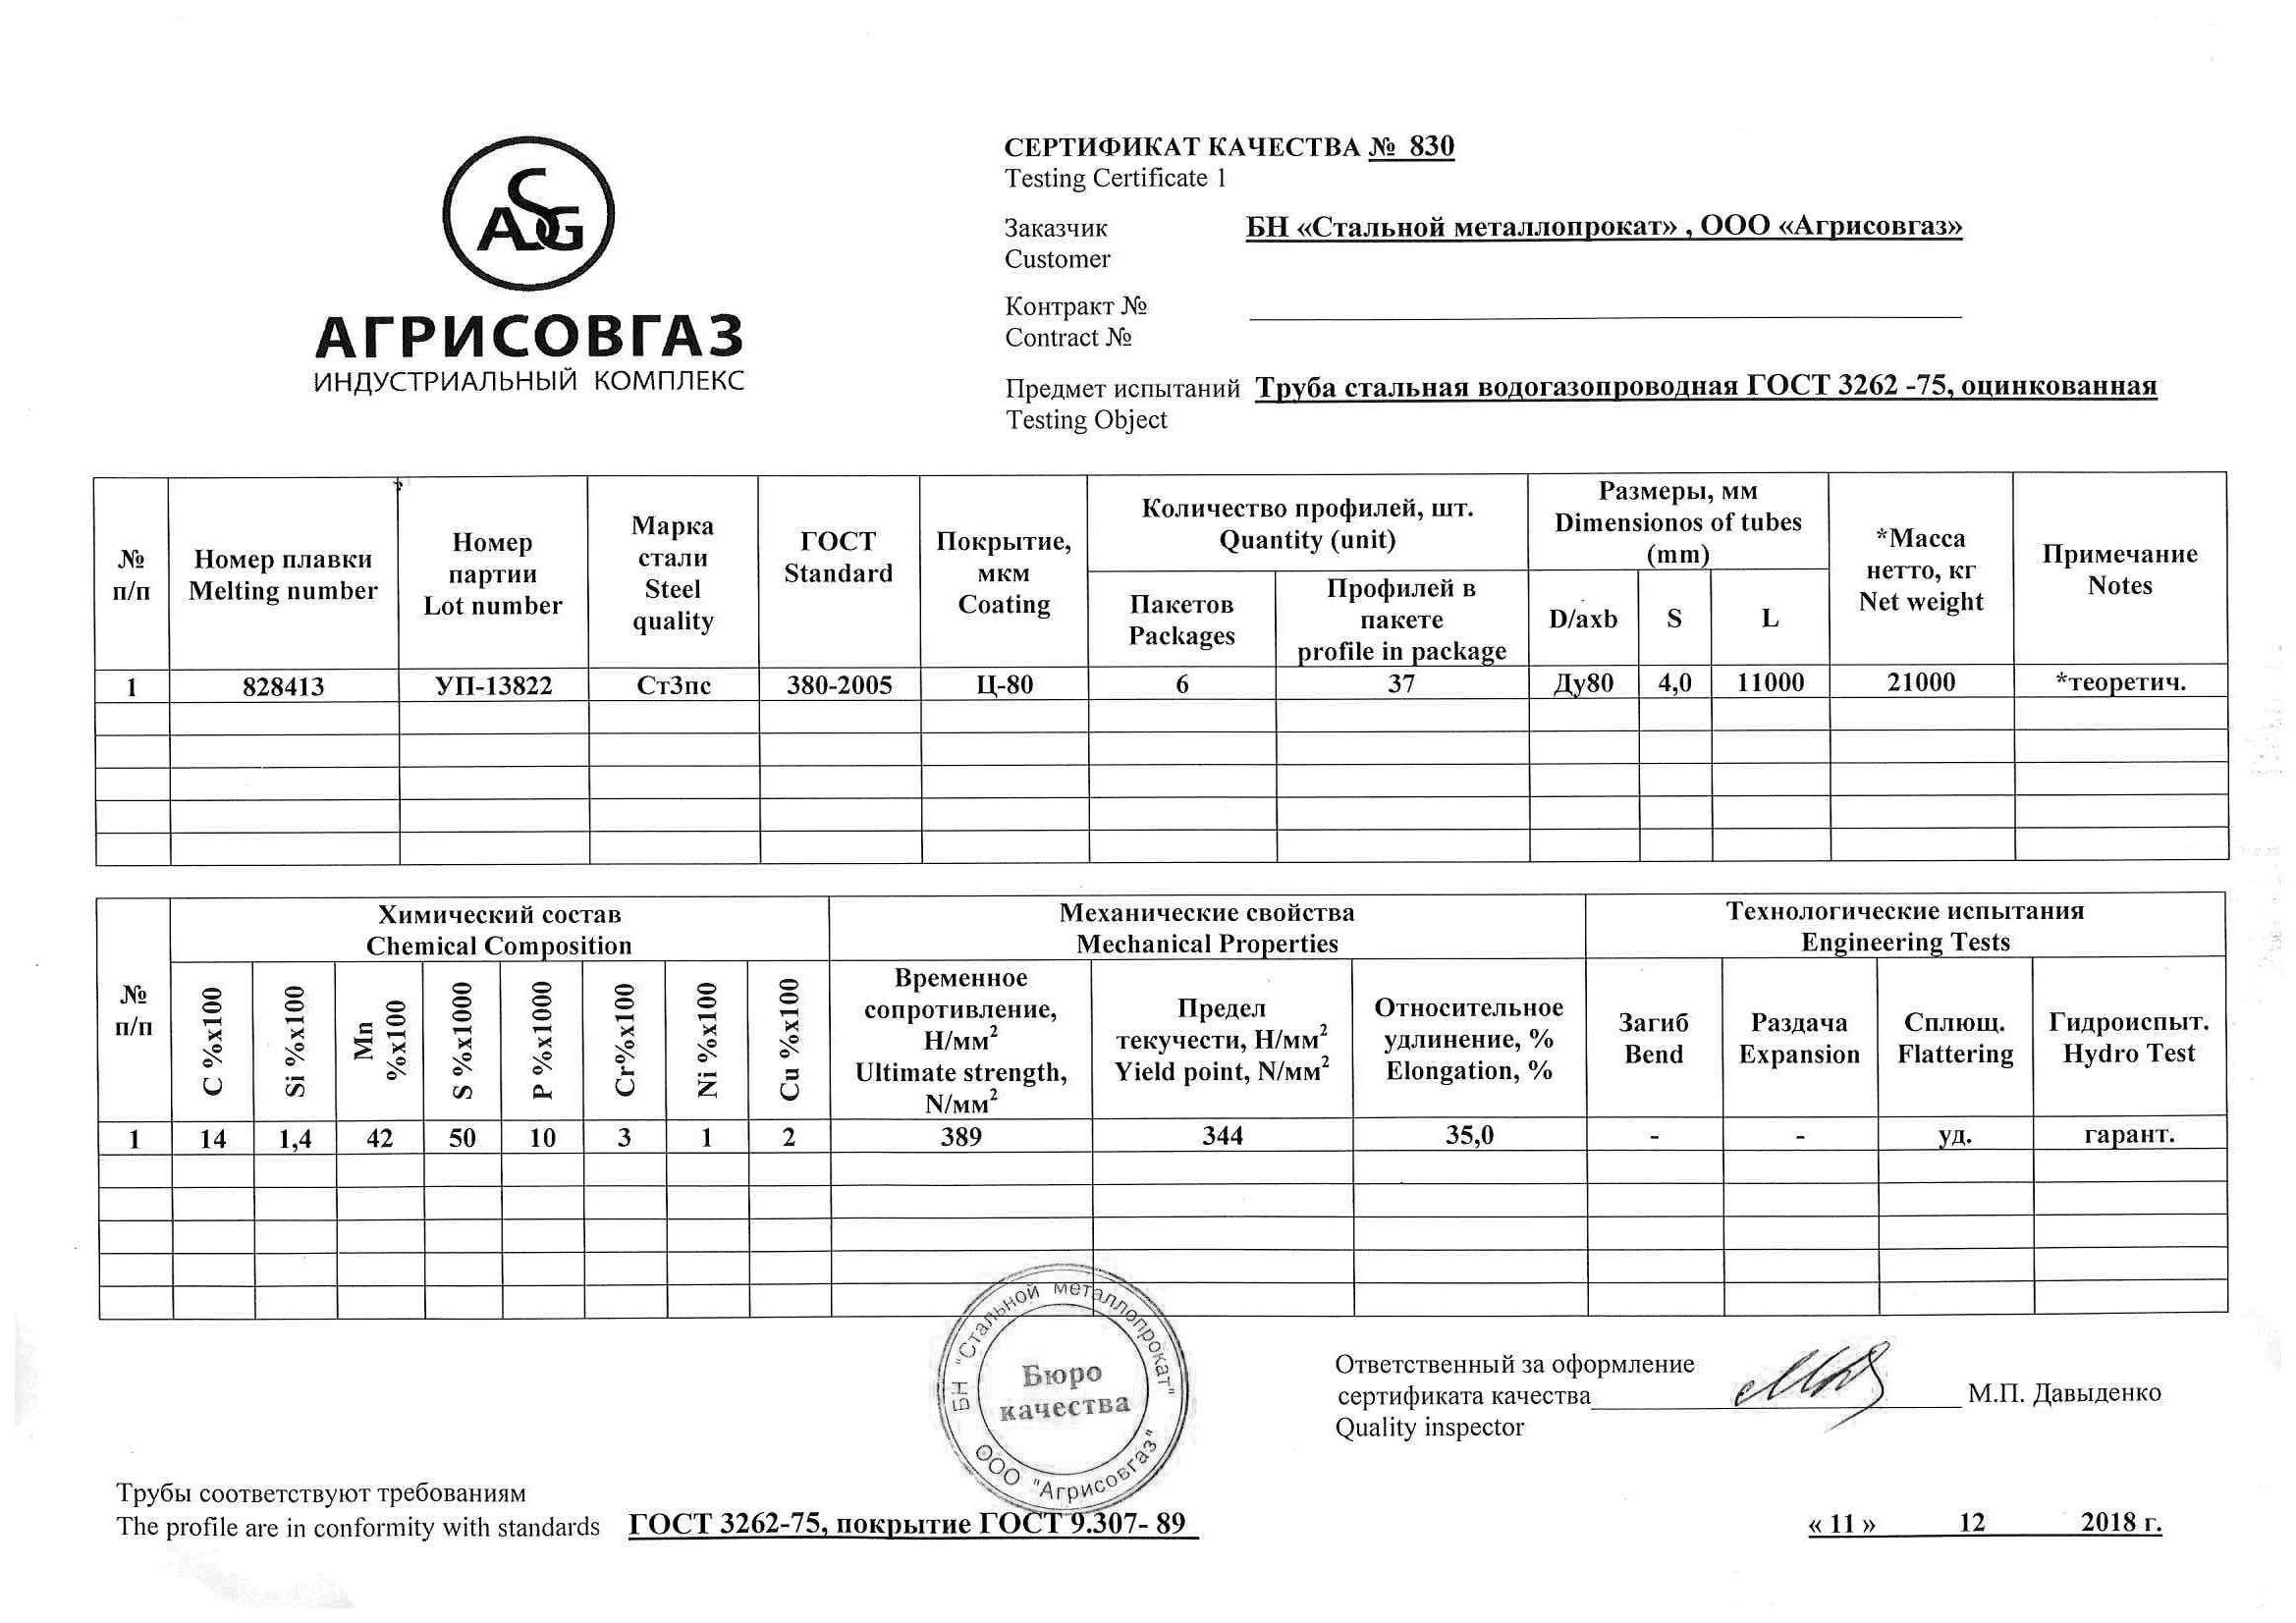 Труба вгп оцинкованная 80х4 сертификат